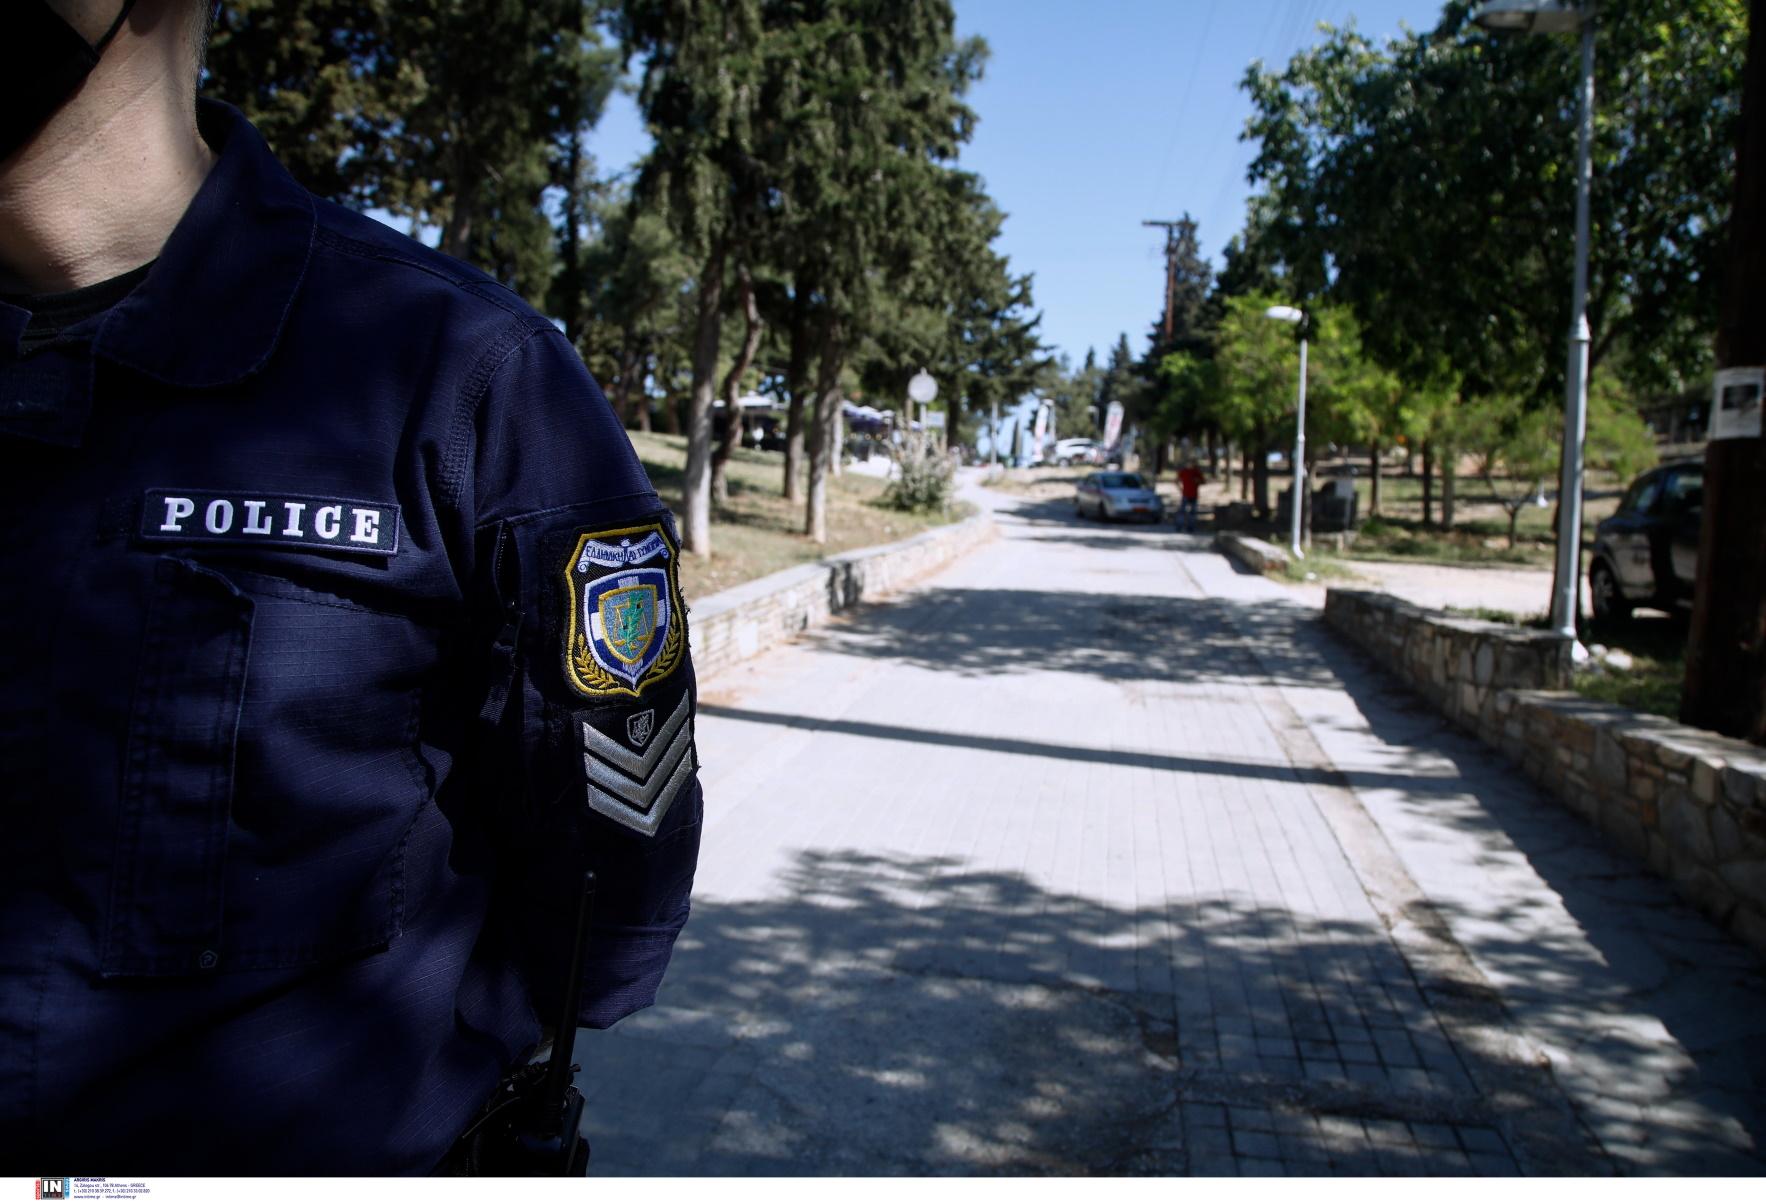 Θεσσαλονίκη: Εισαγγελική παρέμβαση για τη δημοσιοποίηση προσωπικών στοιχείων αστυνομικών